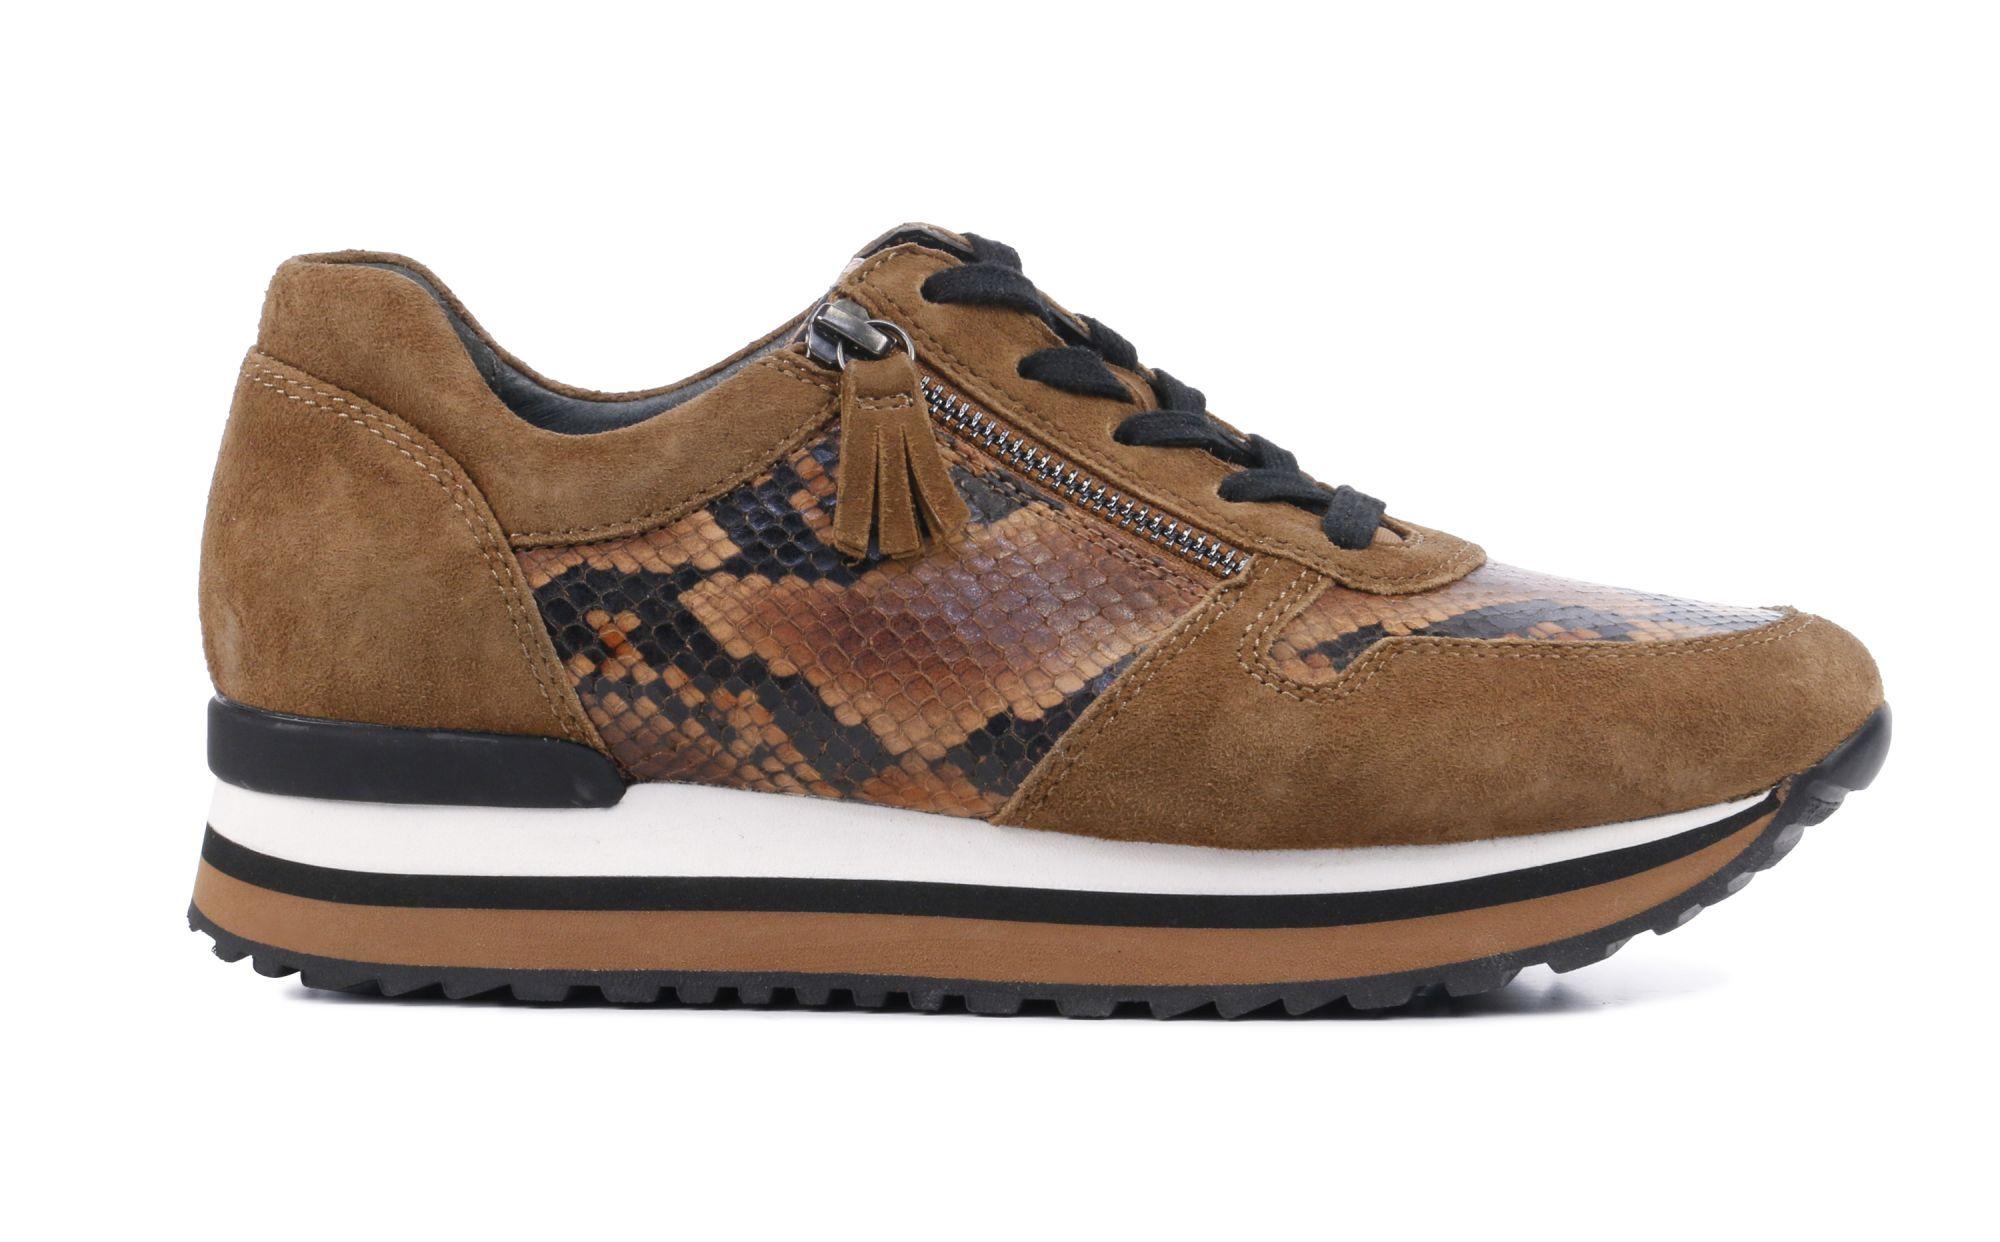 Schoenen online kopen | Van den Assem schoenen